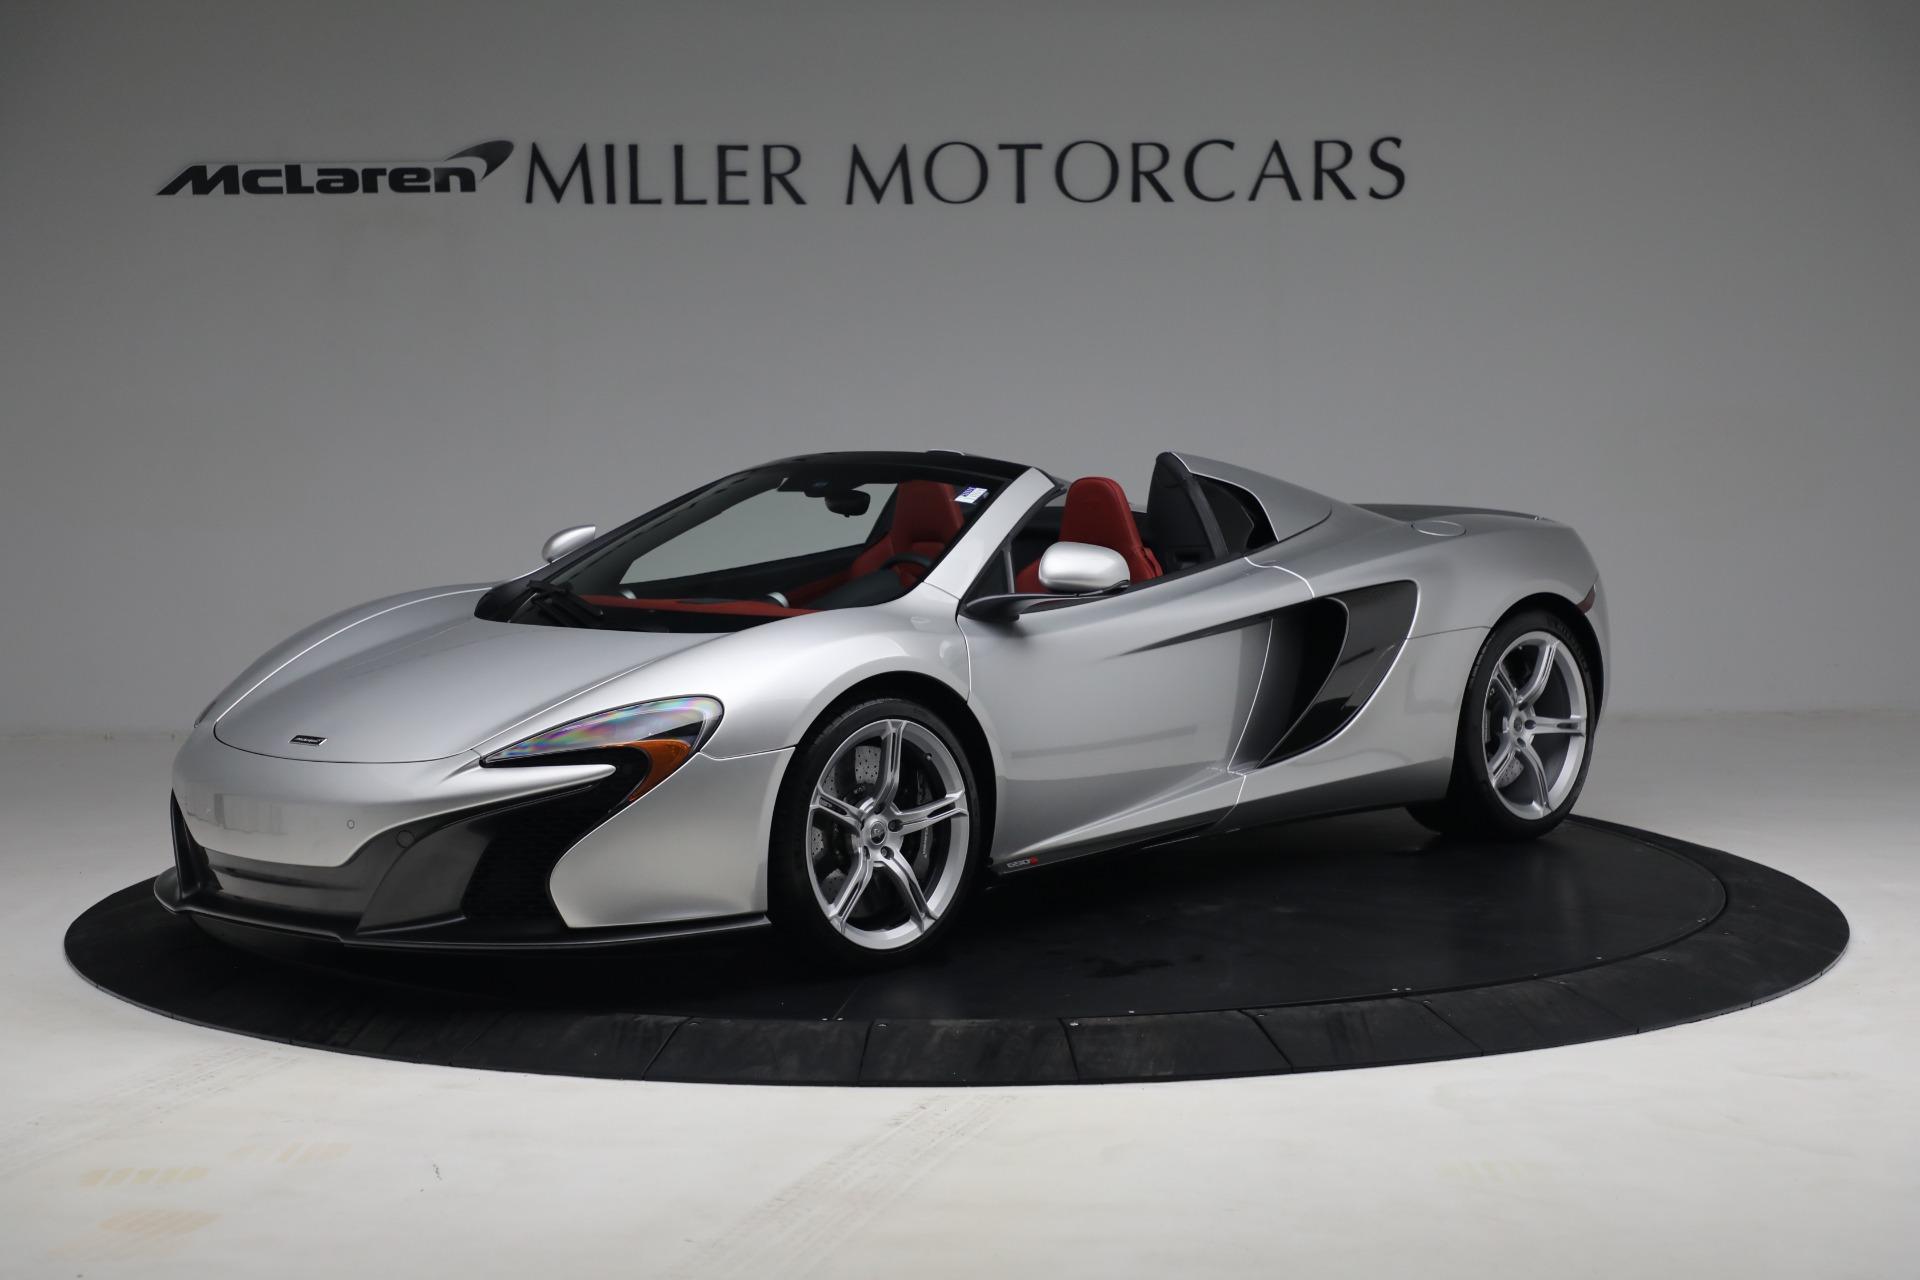 Used 2015 McLaren 650S Spider for sale $179,990 at Alfa Romeo of Westport in Westport CT 06880 1